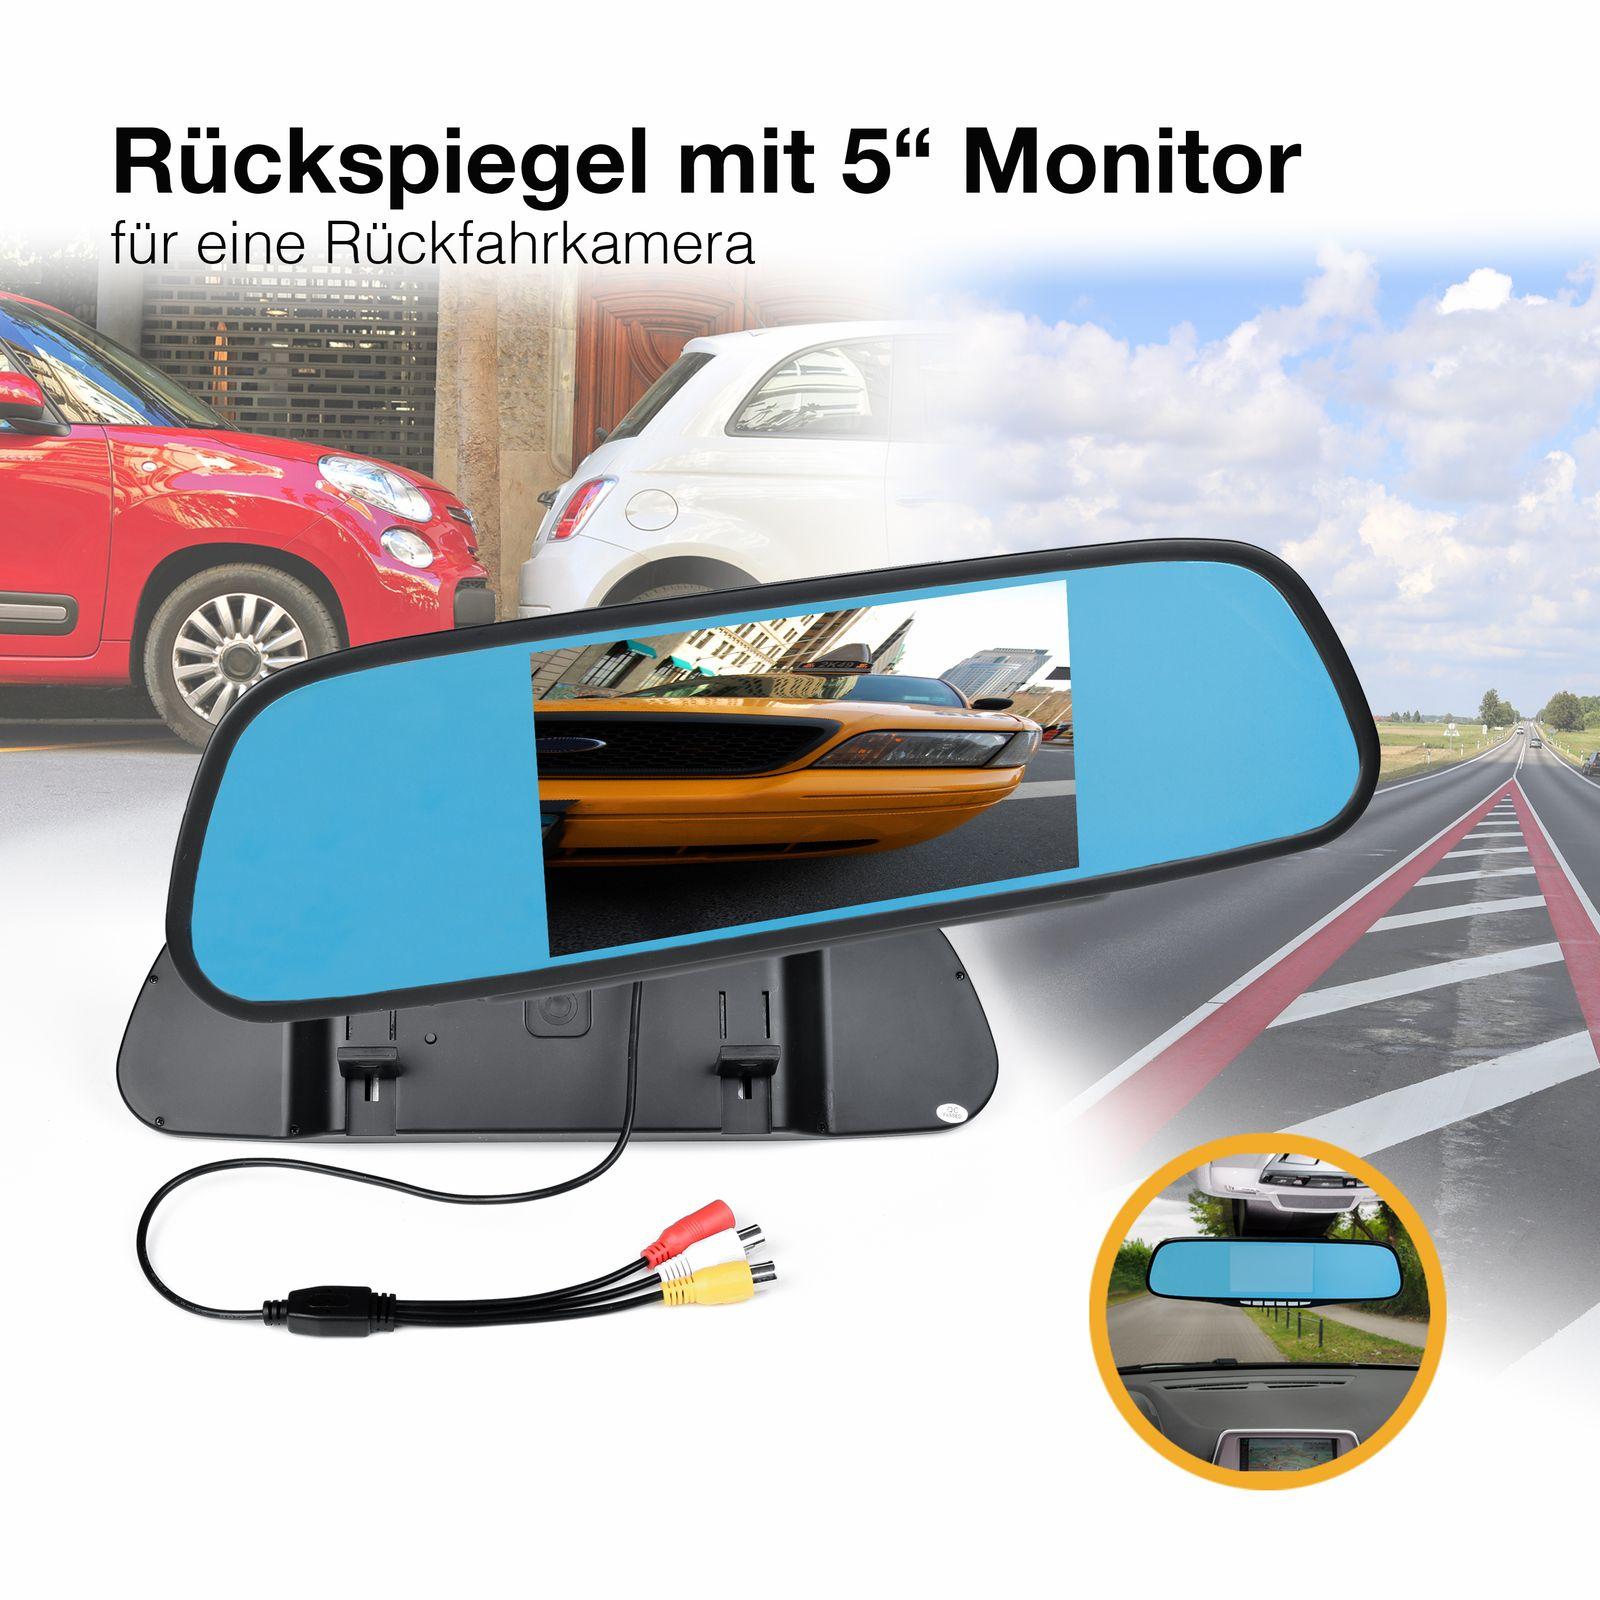 4,3  10,90cm Auto TFT Rückspiegel mit Digital Display Dual Twin Monitor für 2 Rückfahrkameras